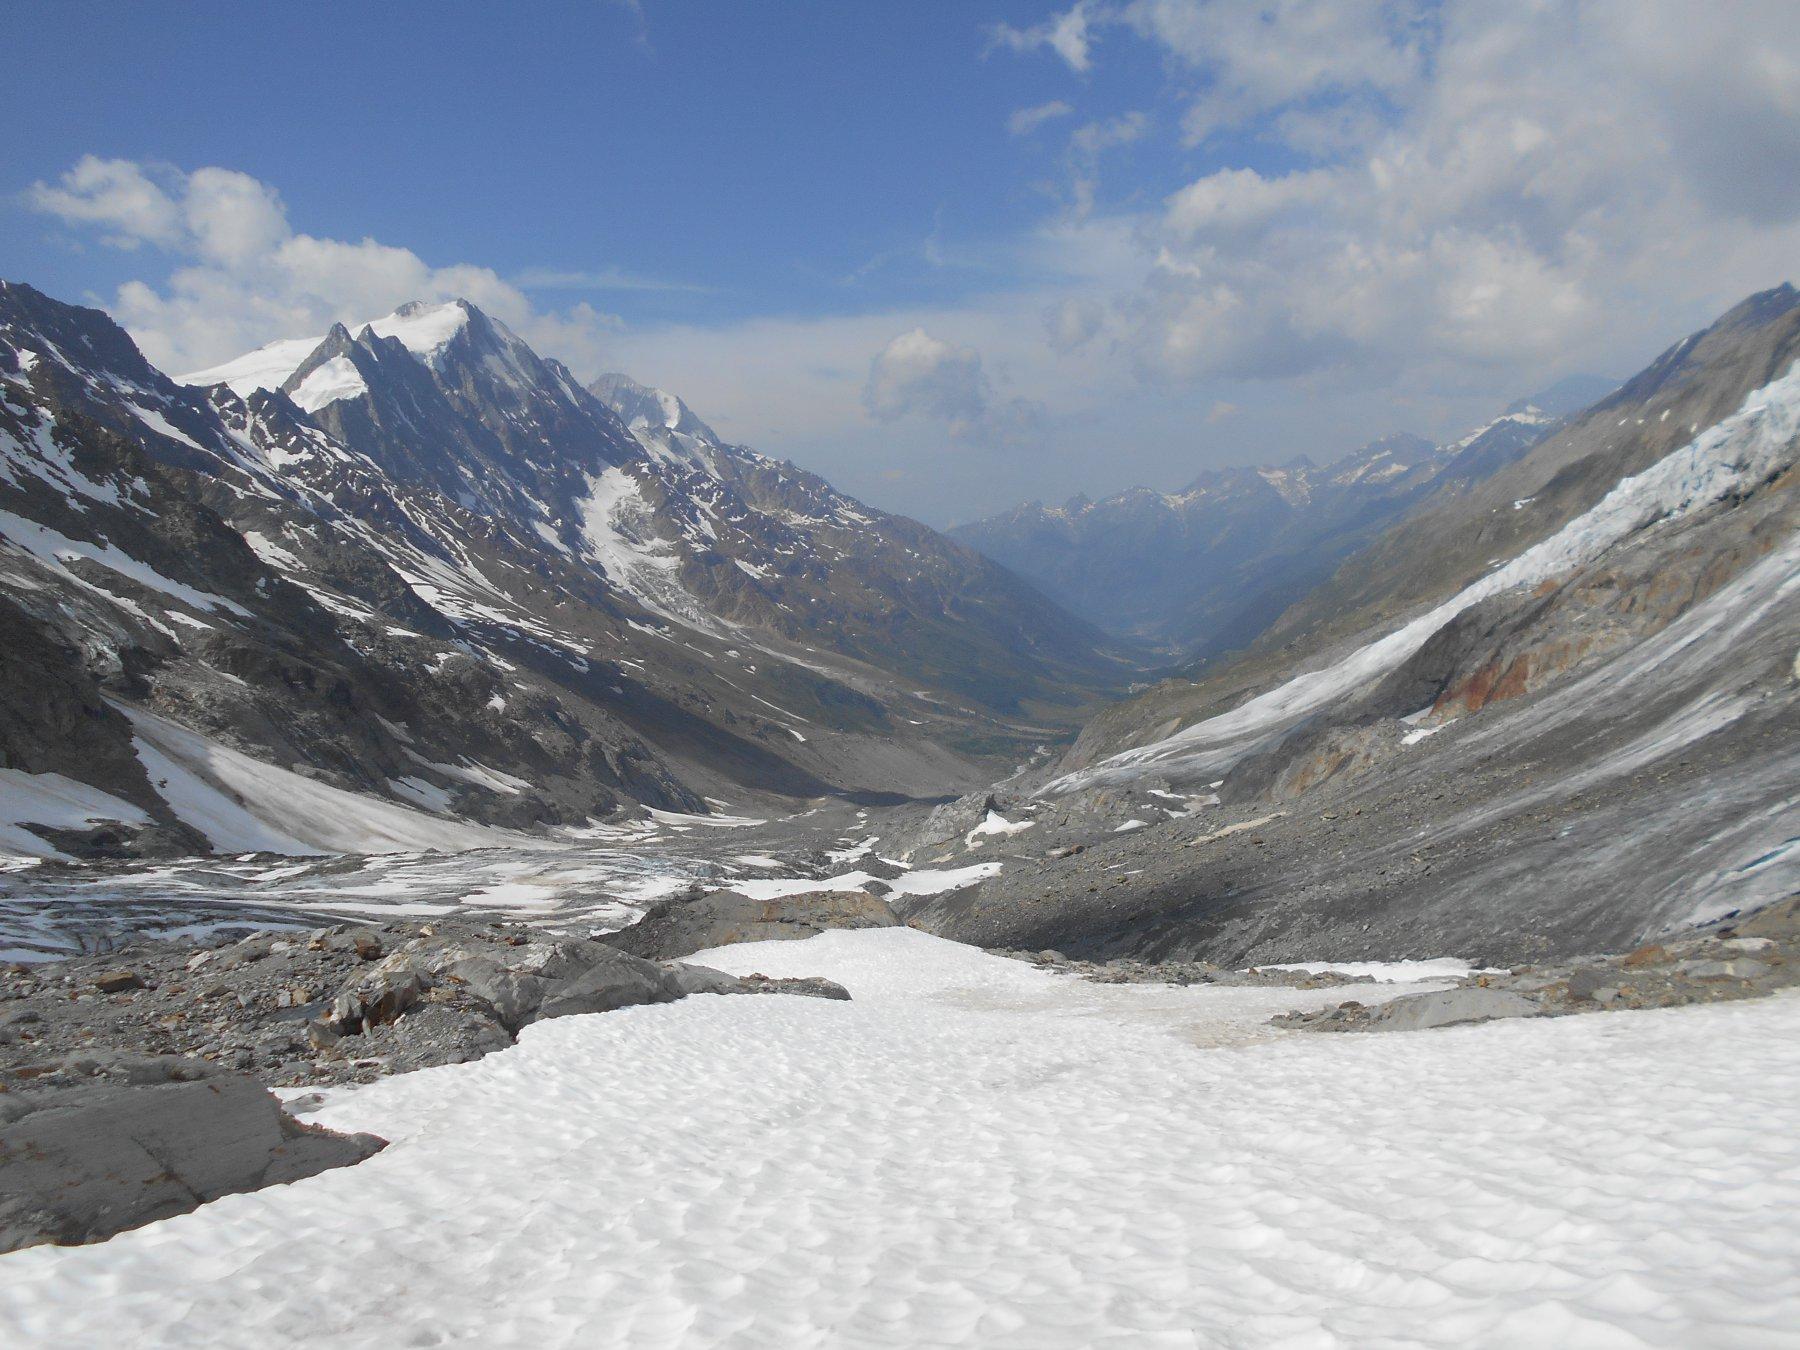 ultimi nevai prima di riportarsi sul ghiacciaio